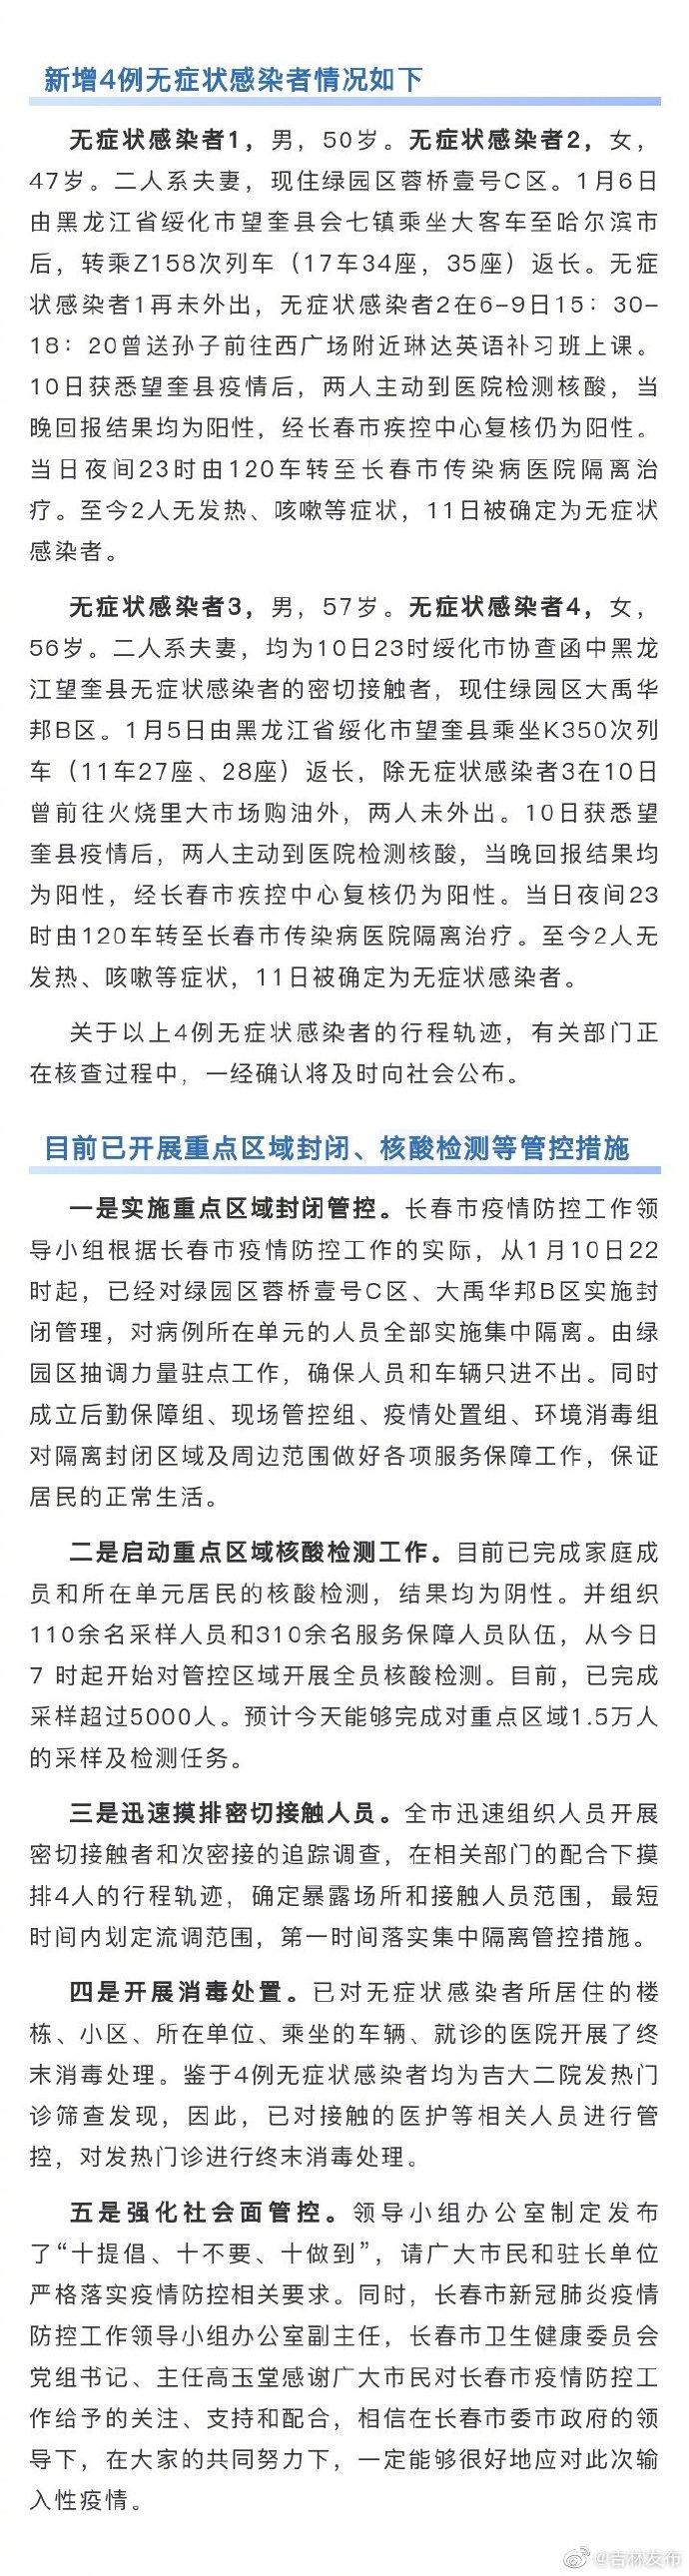 长春市新增4例无症状感染者:为绥化市望奎县来长人员